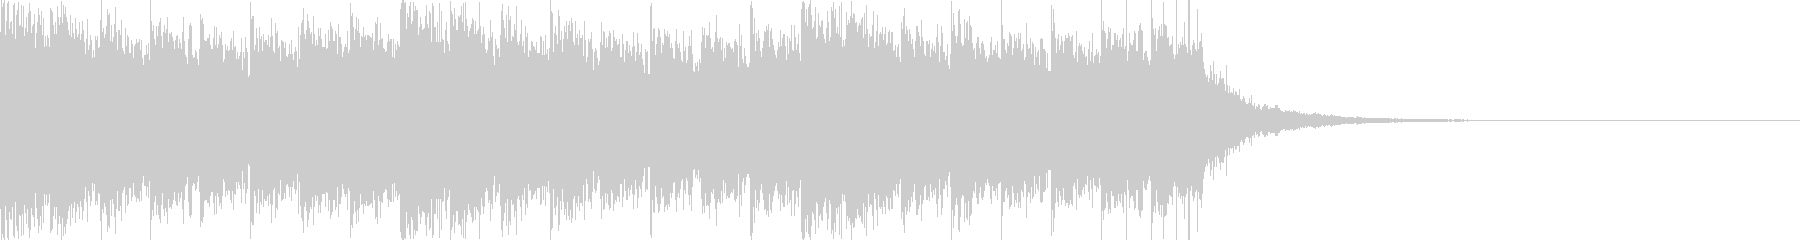 クールなデジタルサウンド、CG映像等。の未再生の波形